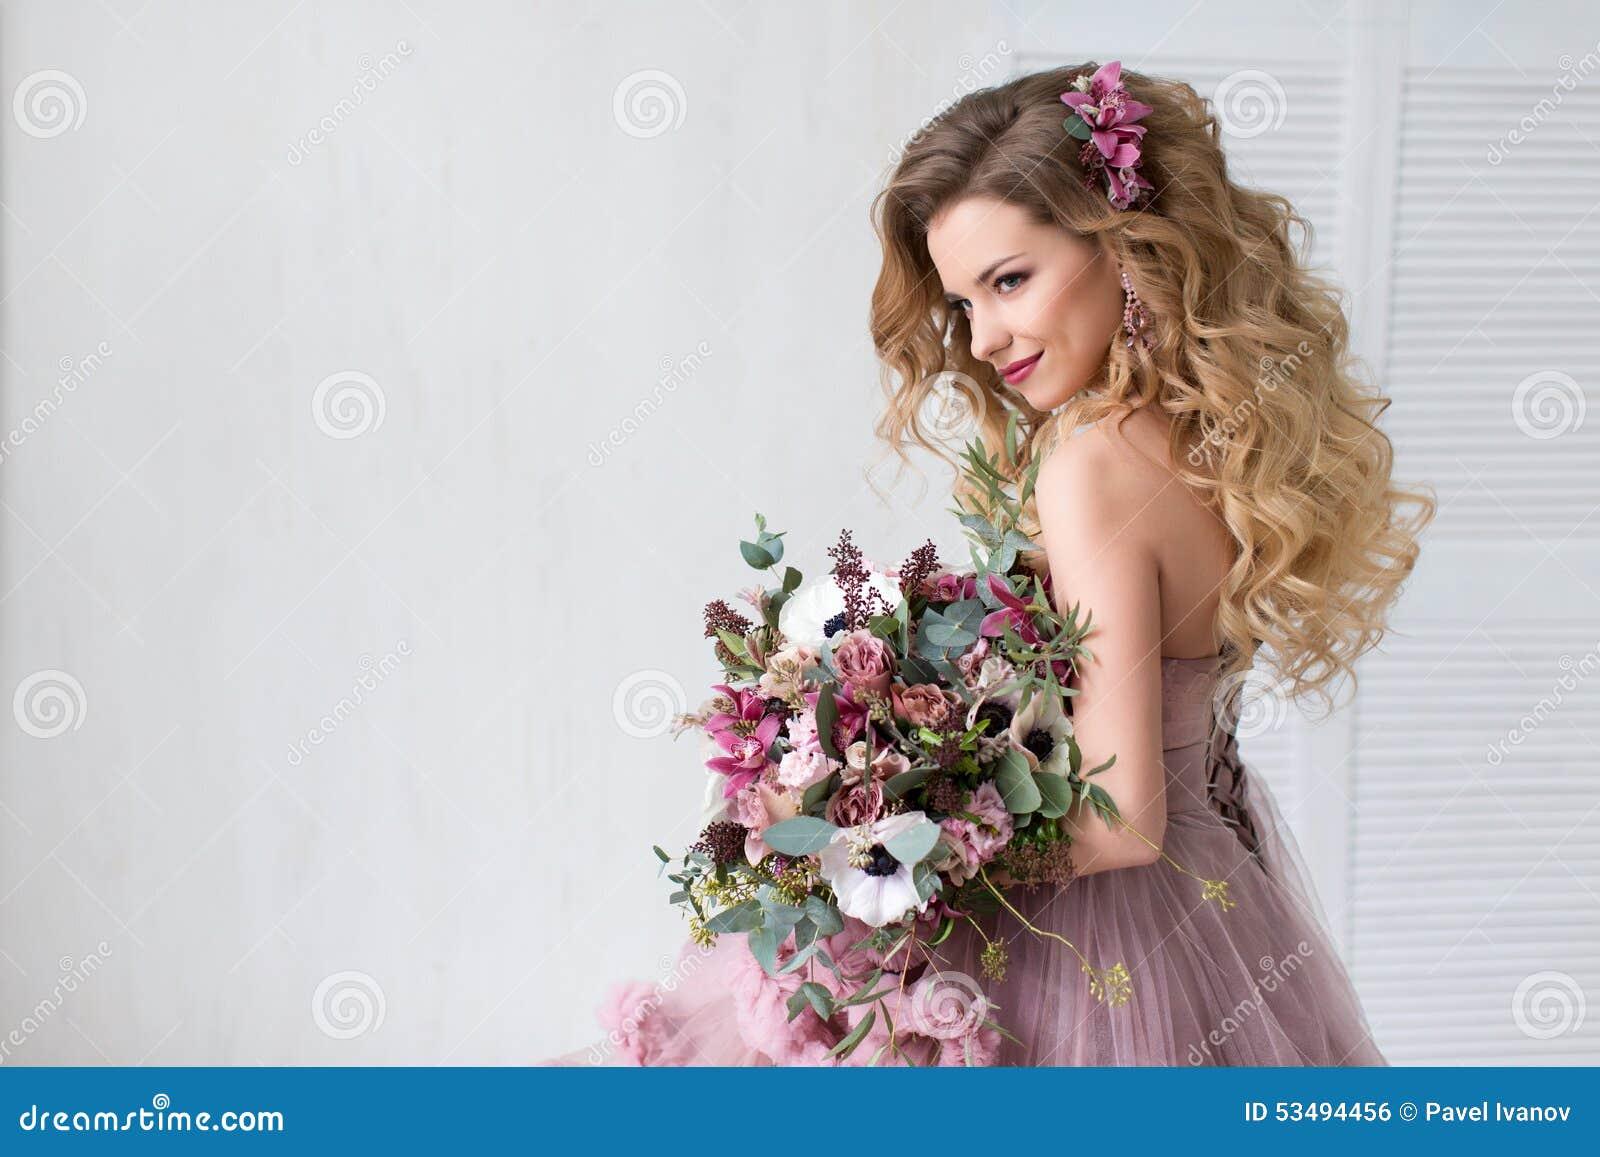 Happy Bride. Fashion